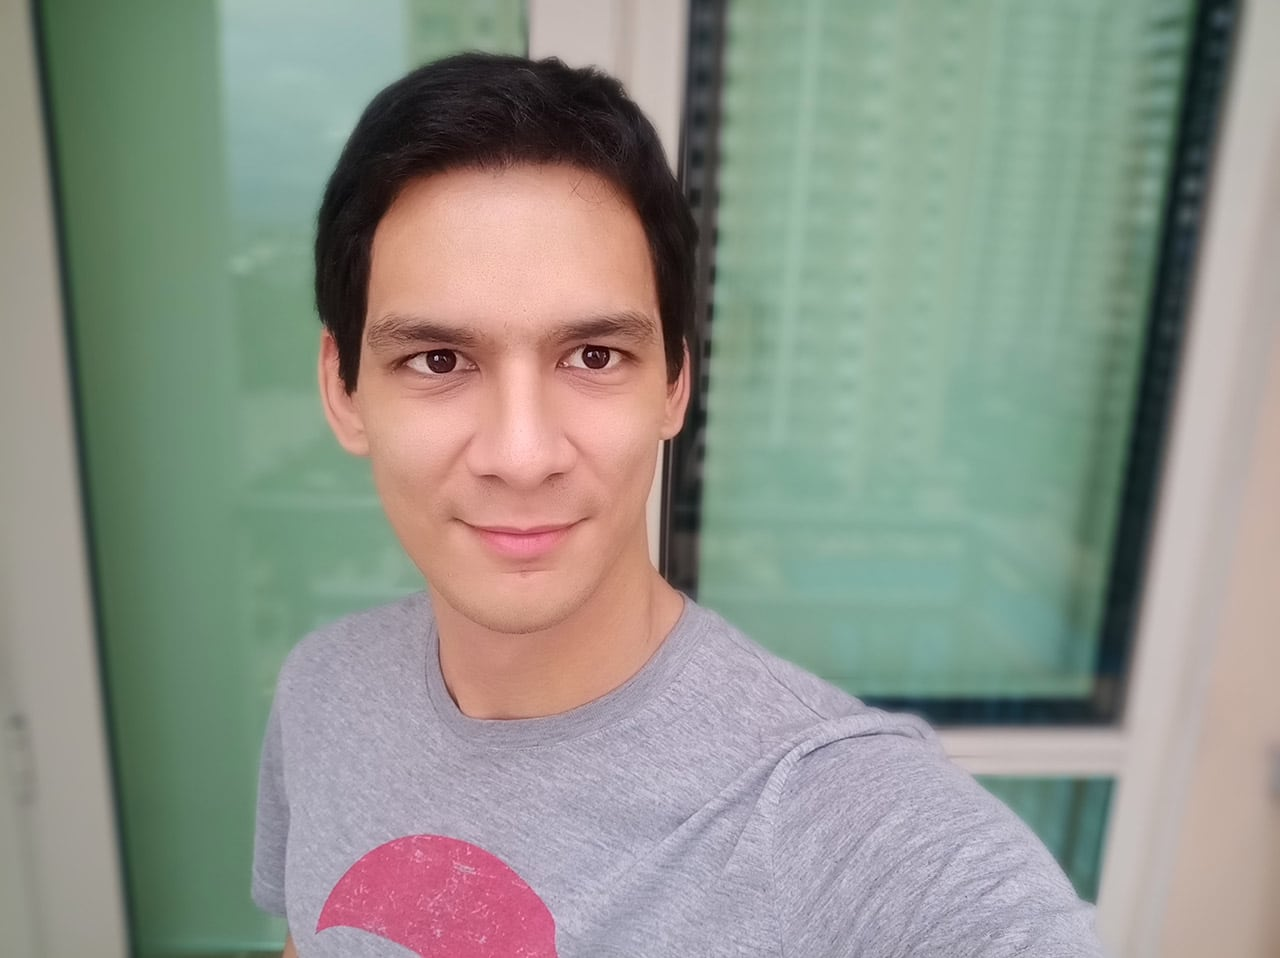 Sforum - Trang thông tin công nghệ mới nhất GadgetMatch-OPPO-F5-sample-photo-20171026-5 Trên tay chuyên gia selfie Oppo F5: Màn hình 18:9 viền mỏng, camera selfie 20MP, camera chính f/1.8